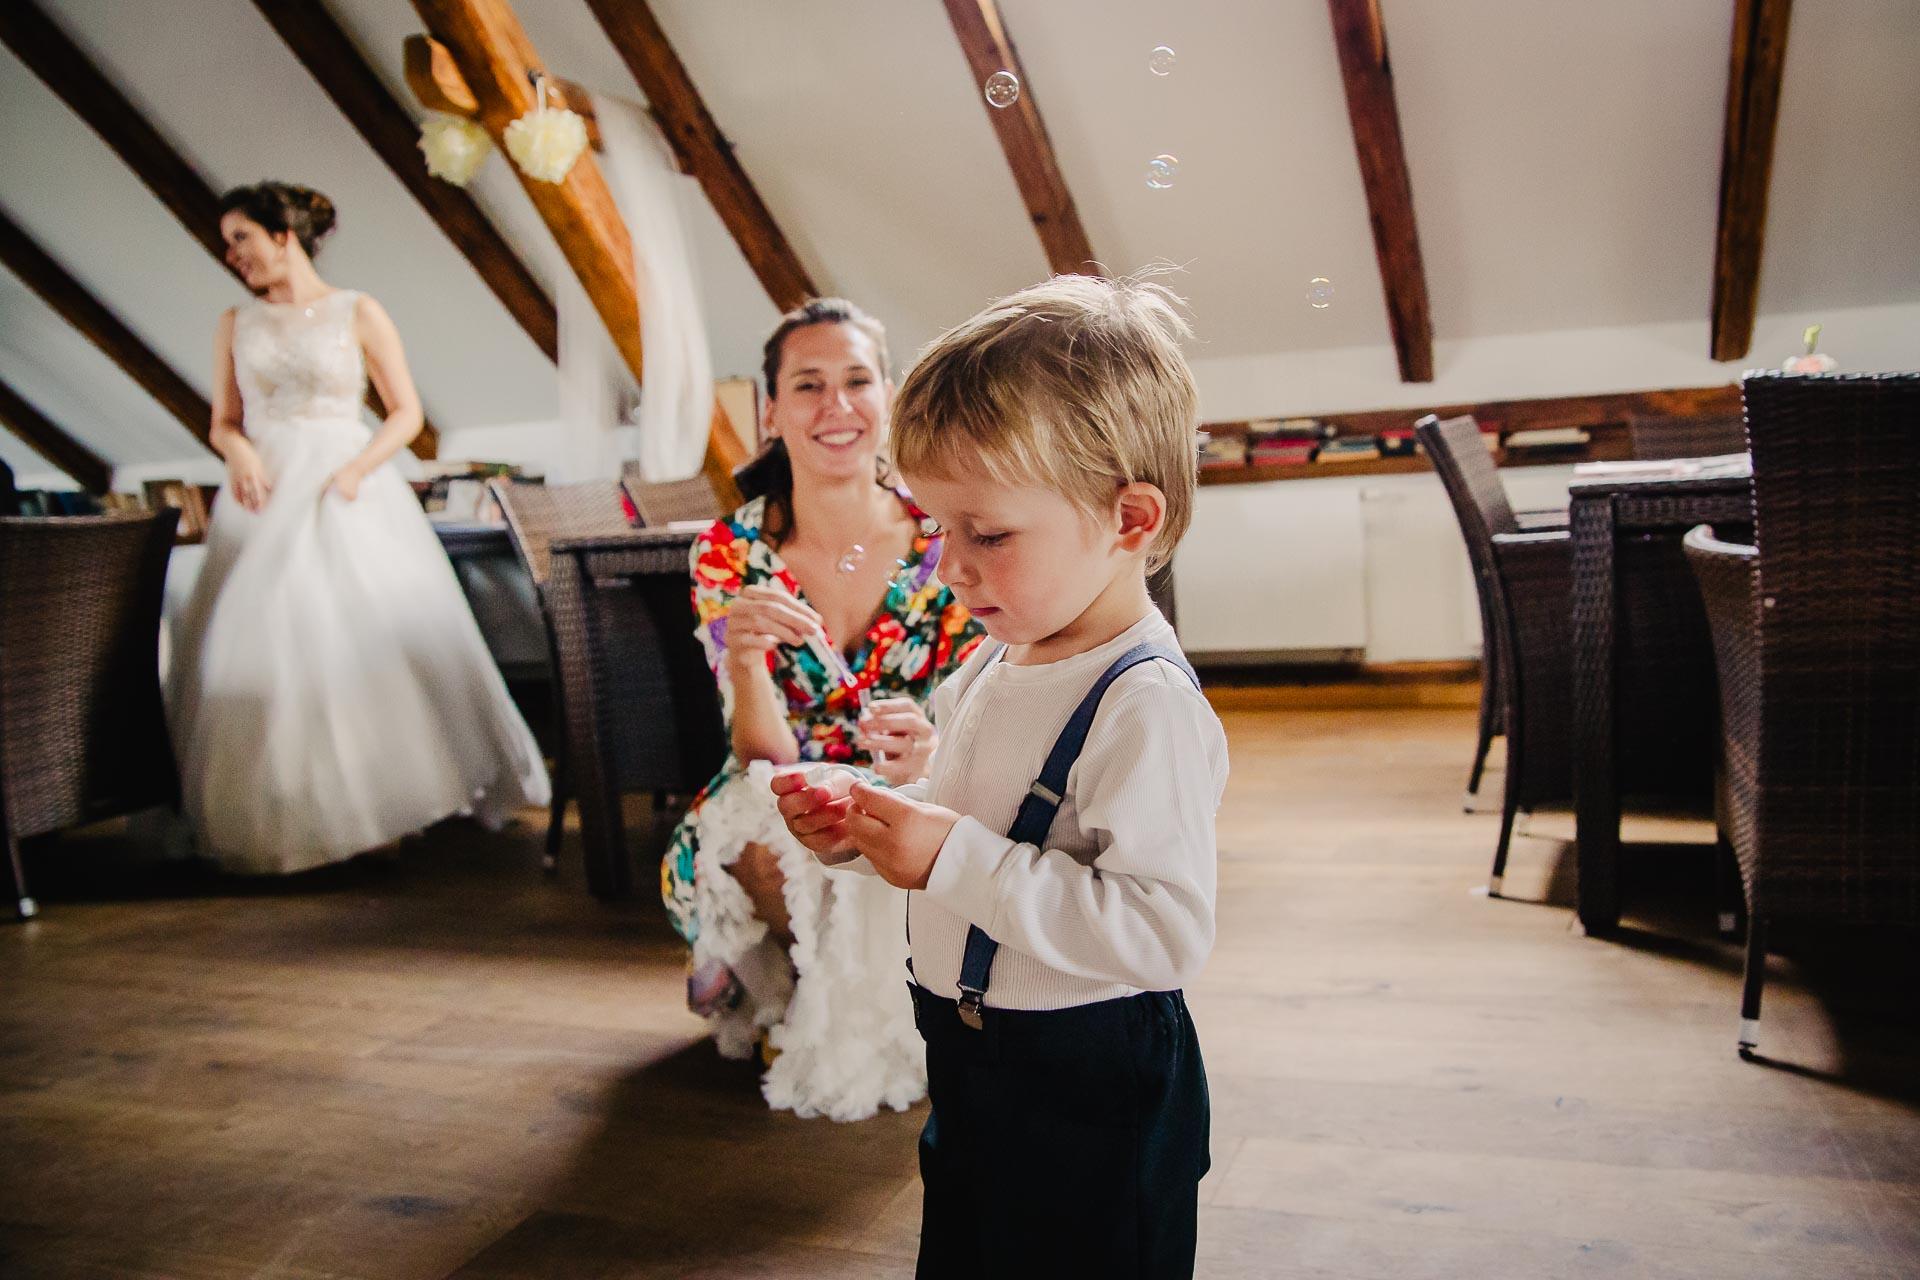 svatební fotograf Praha,svatba střední čechy, církevní obřad, svatba v kostele, nejhezčí svatební fotografie-3089